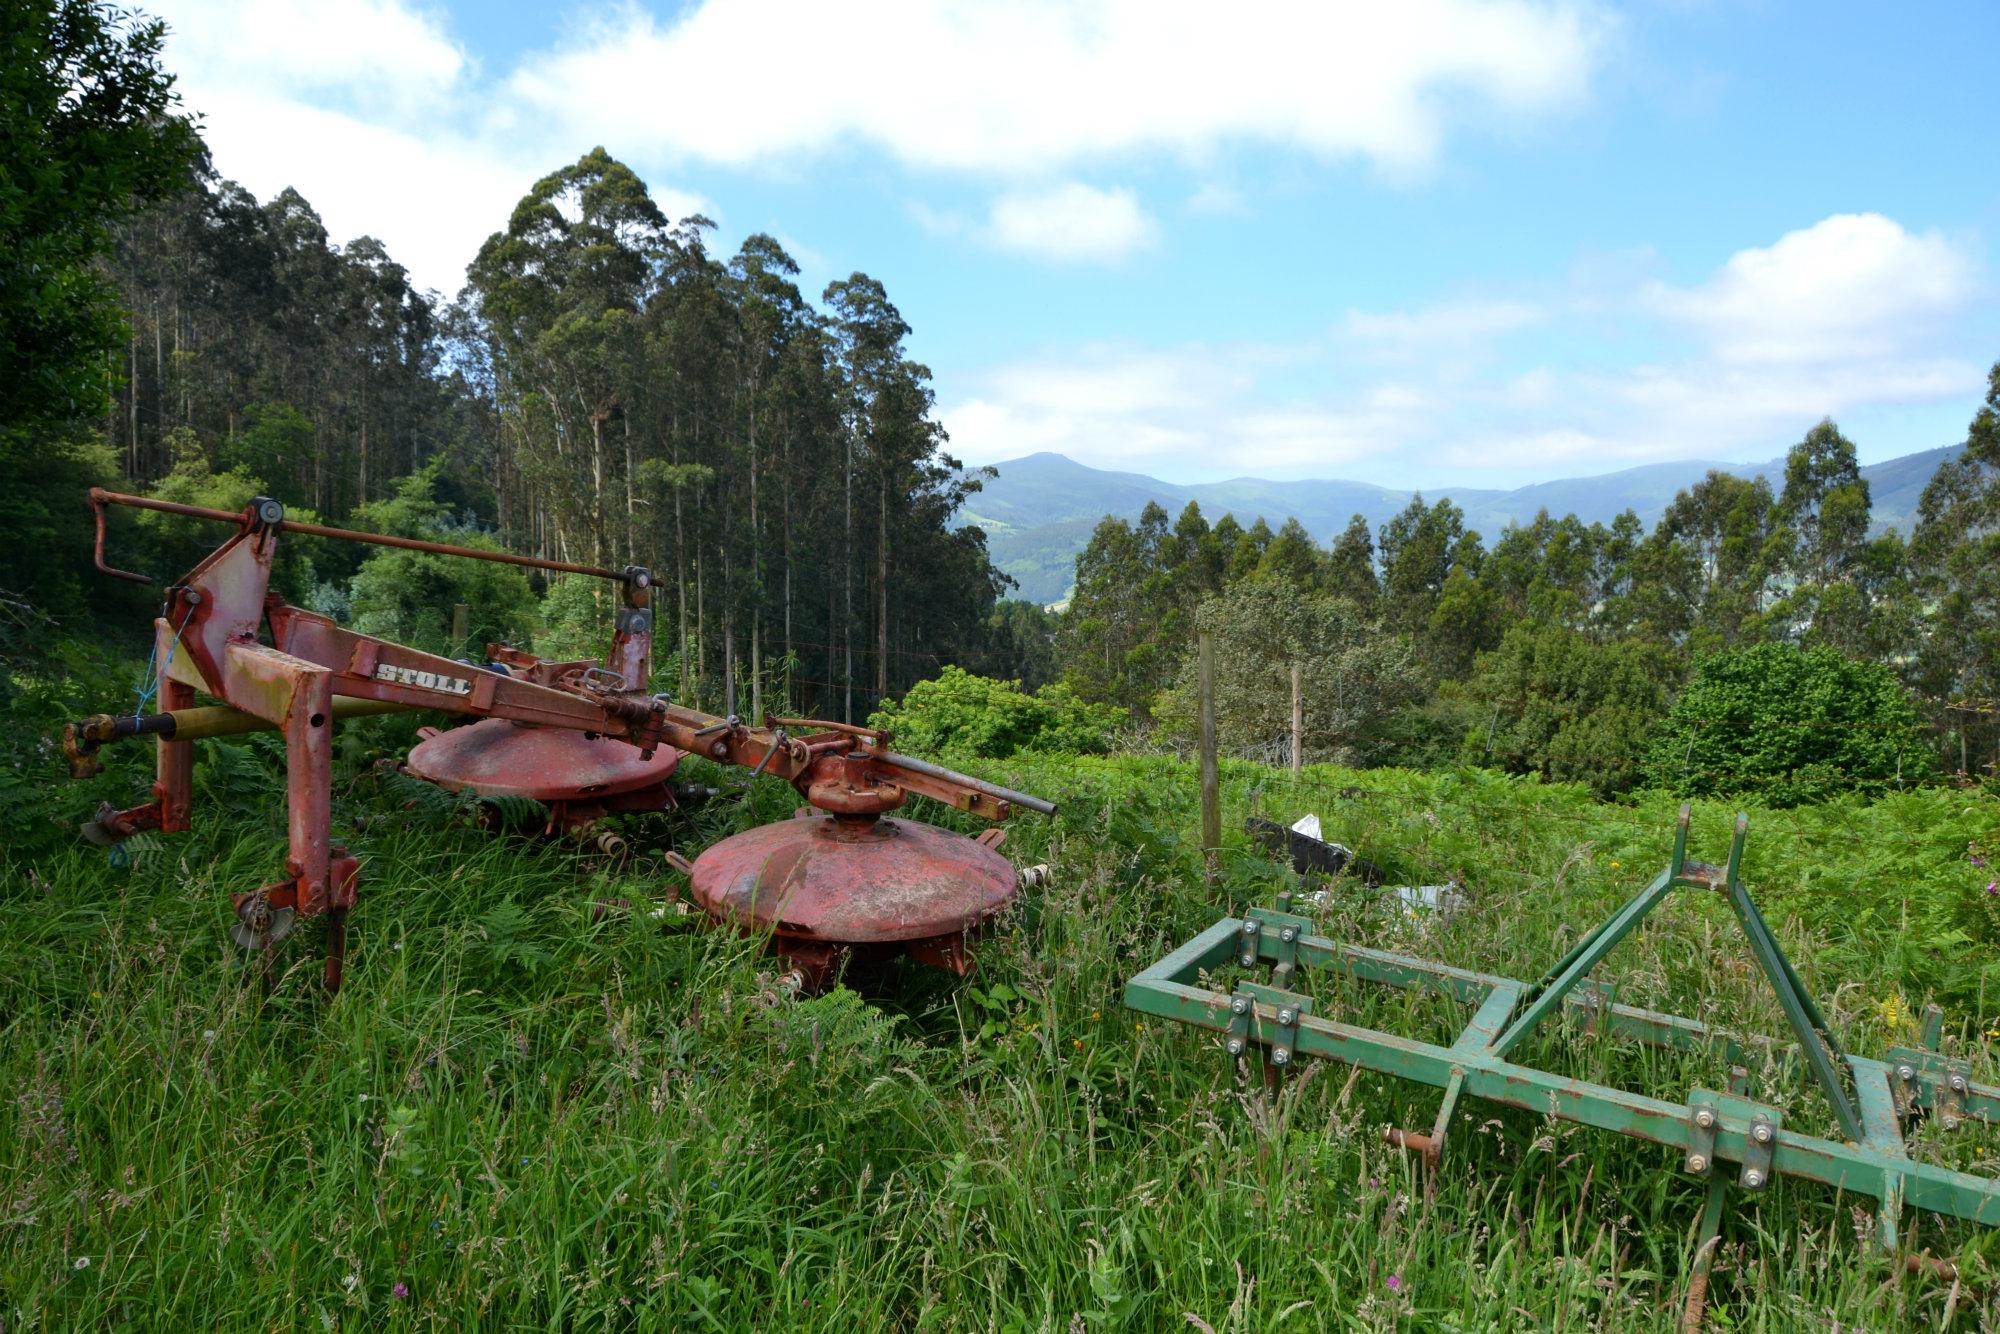 Galicia farmland